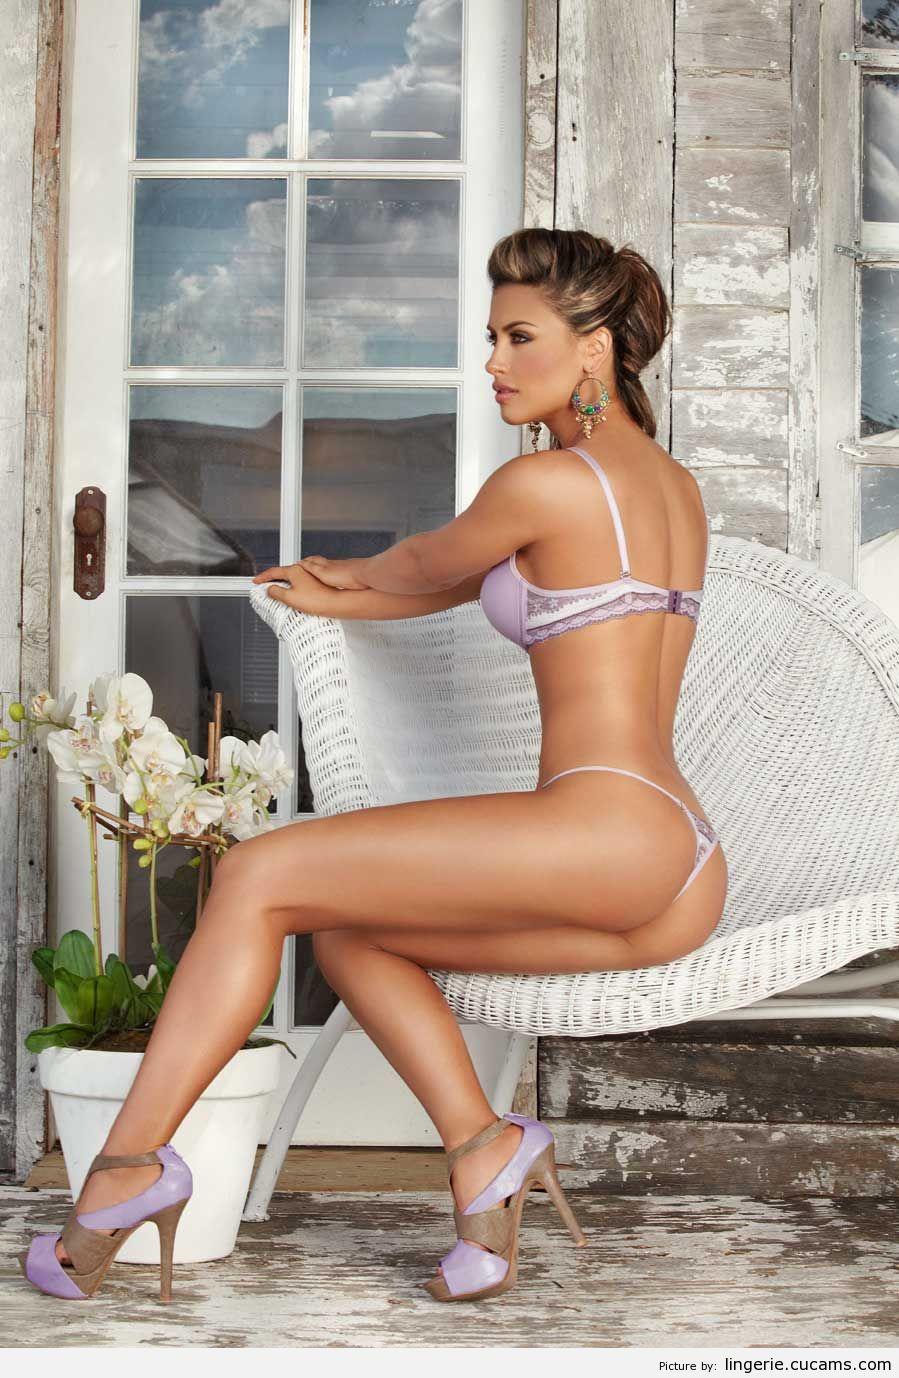 Lingerie Cunt Heels by lingerie.cucams.com